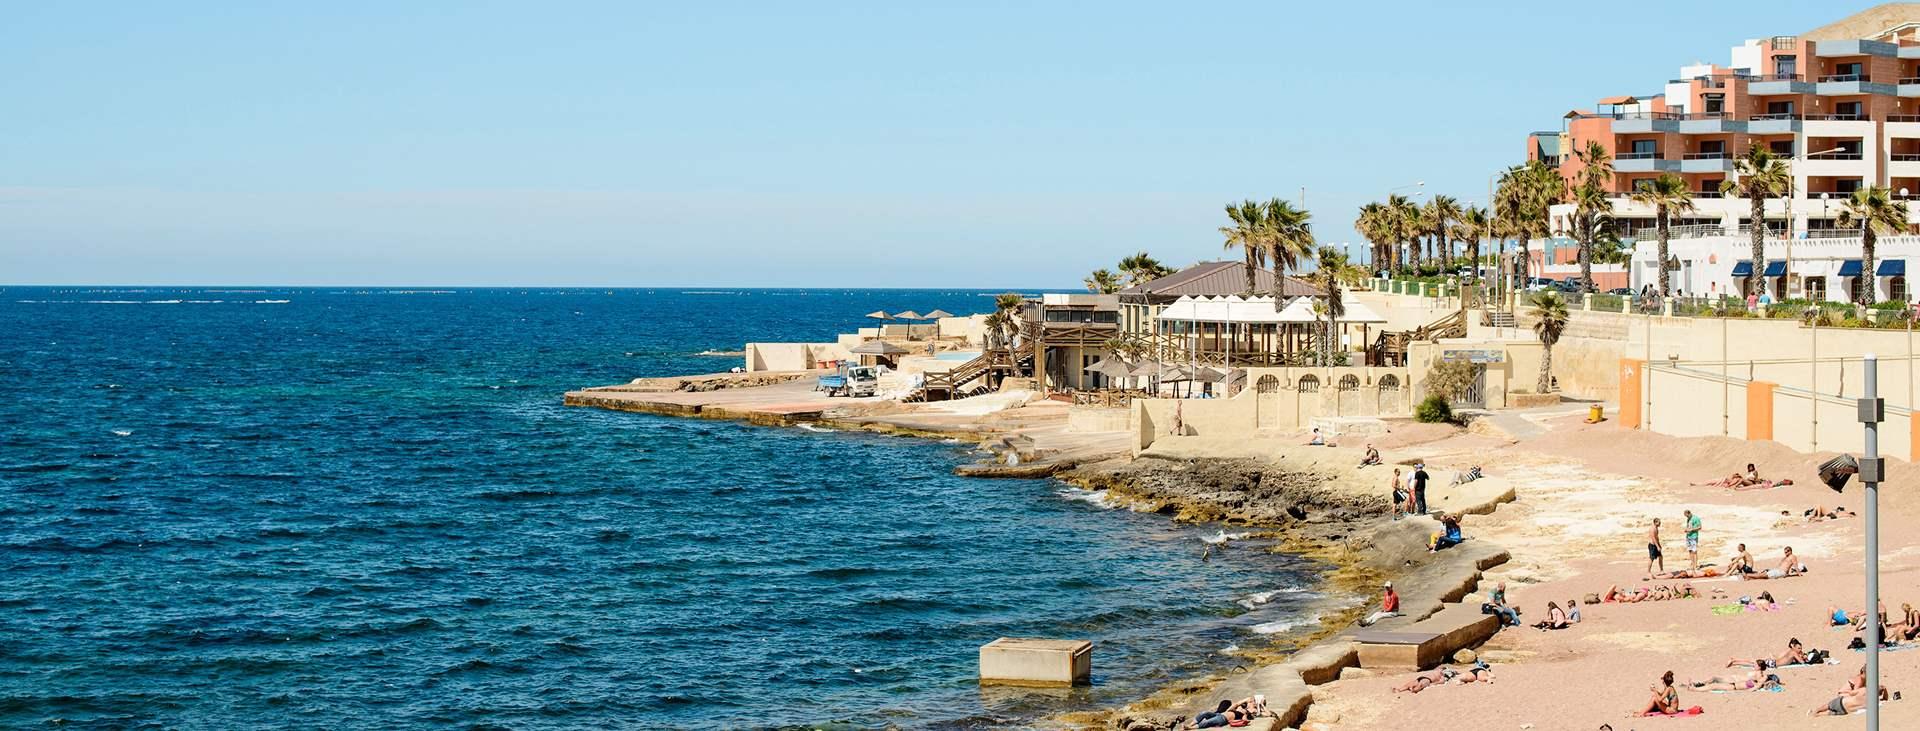 Bestill en reise til St. Paul's Bay på Malta med Ving